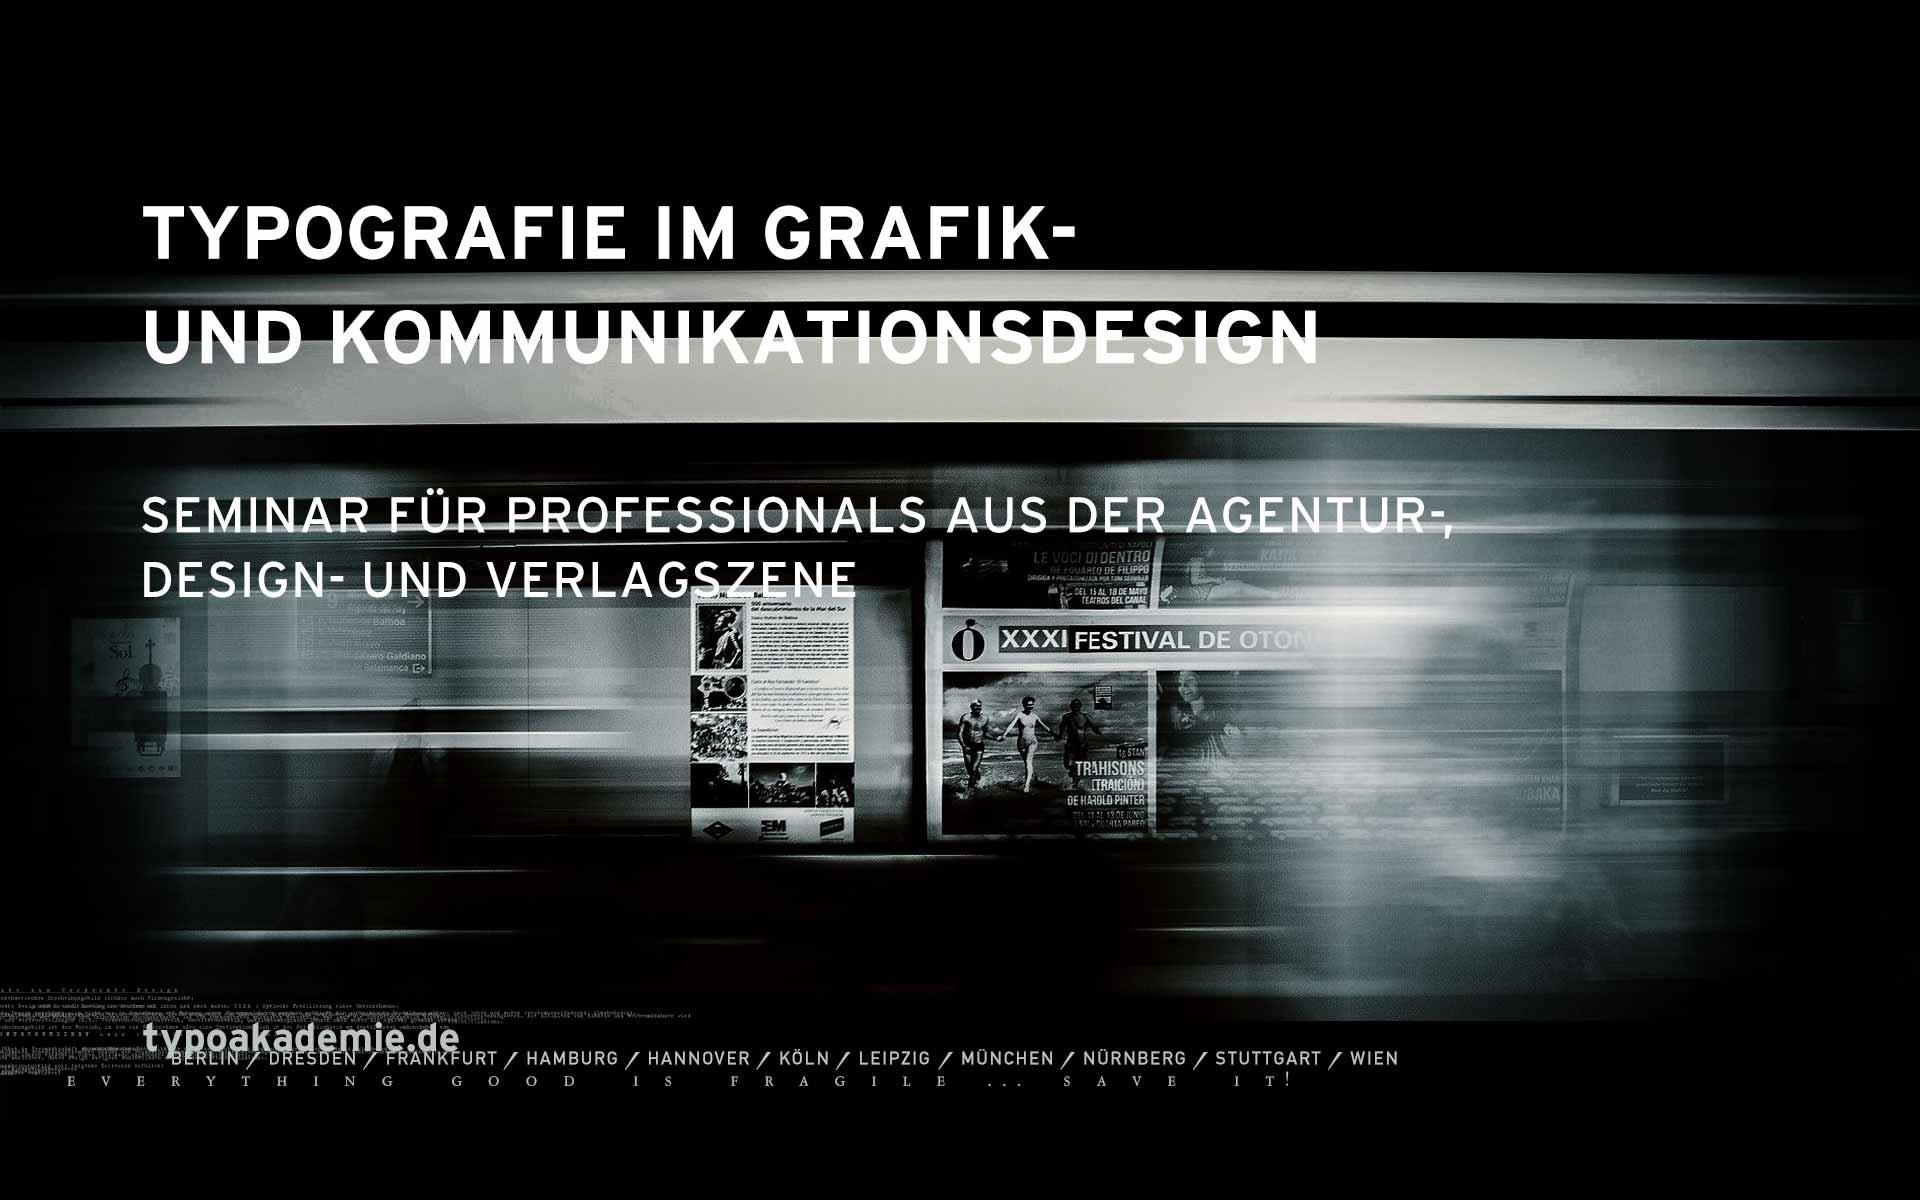 Banner »Typografie im Grafik- und Kommunikationsdesign«. Download unter www.typoakademie.de/presseservice.